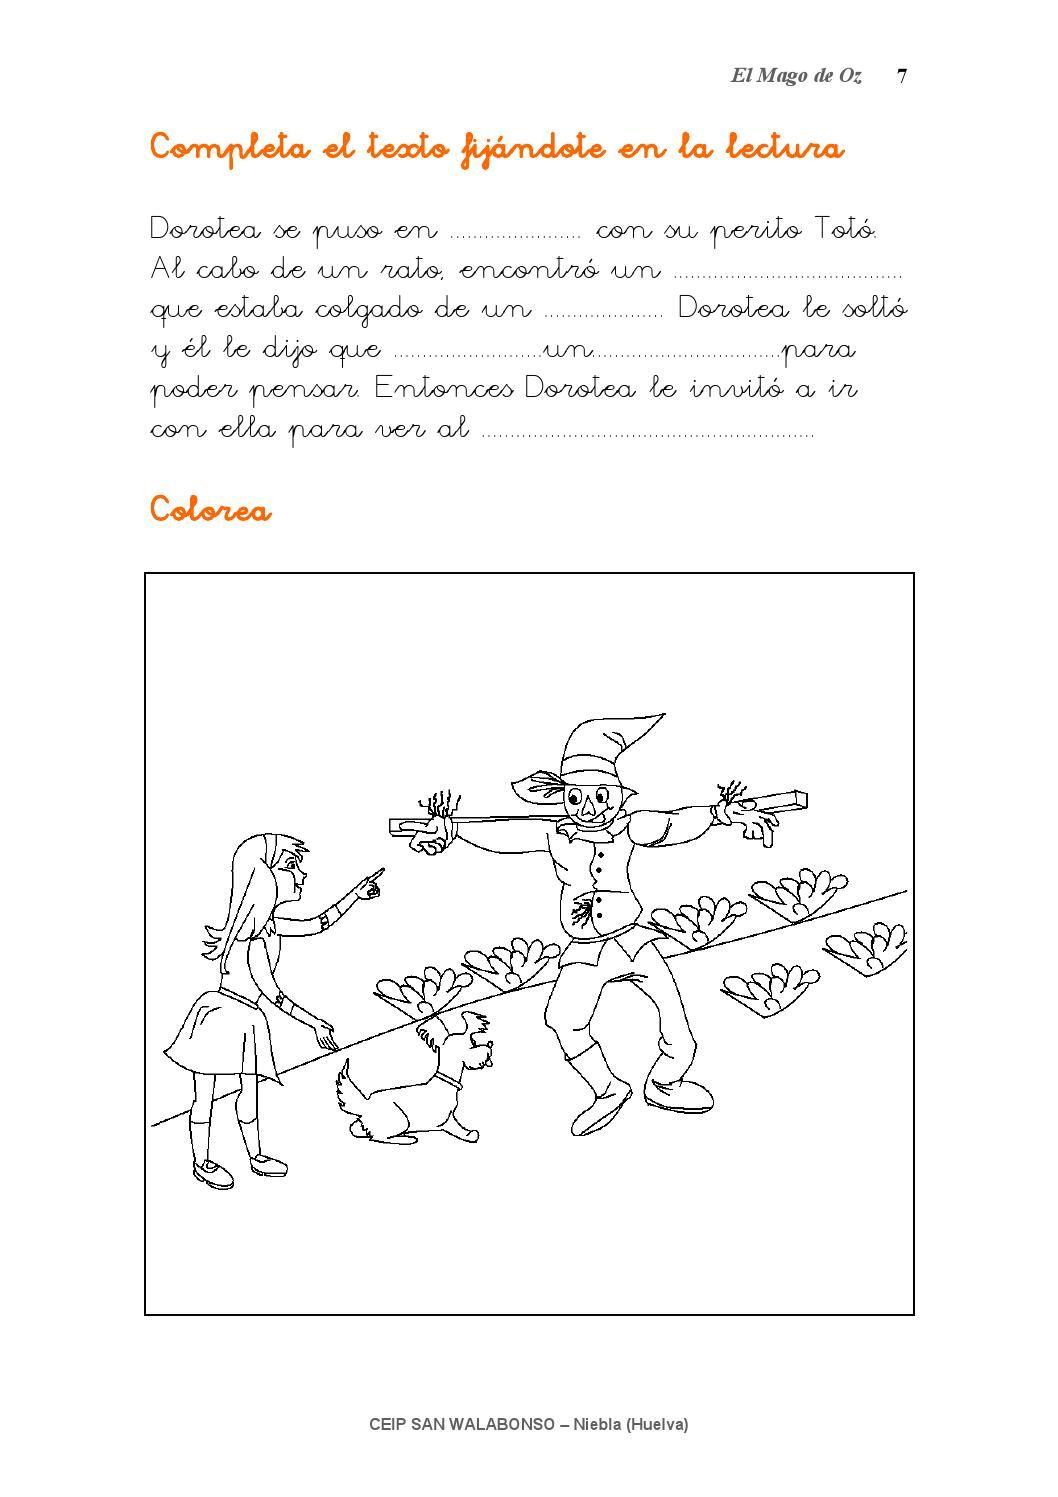 Cuento Con Actividades De Lectoescritura Ceip San Walabonso De Niebla Huelva Mago De Oz Personajes Mago De Oz Mago